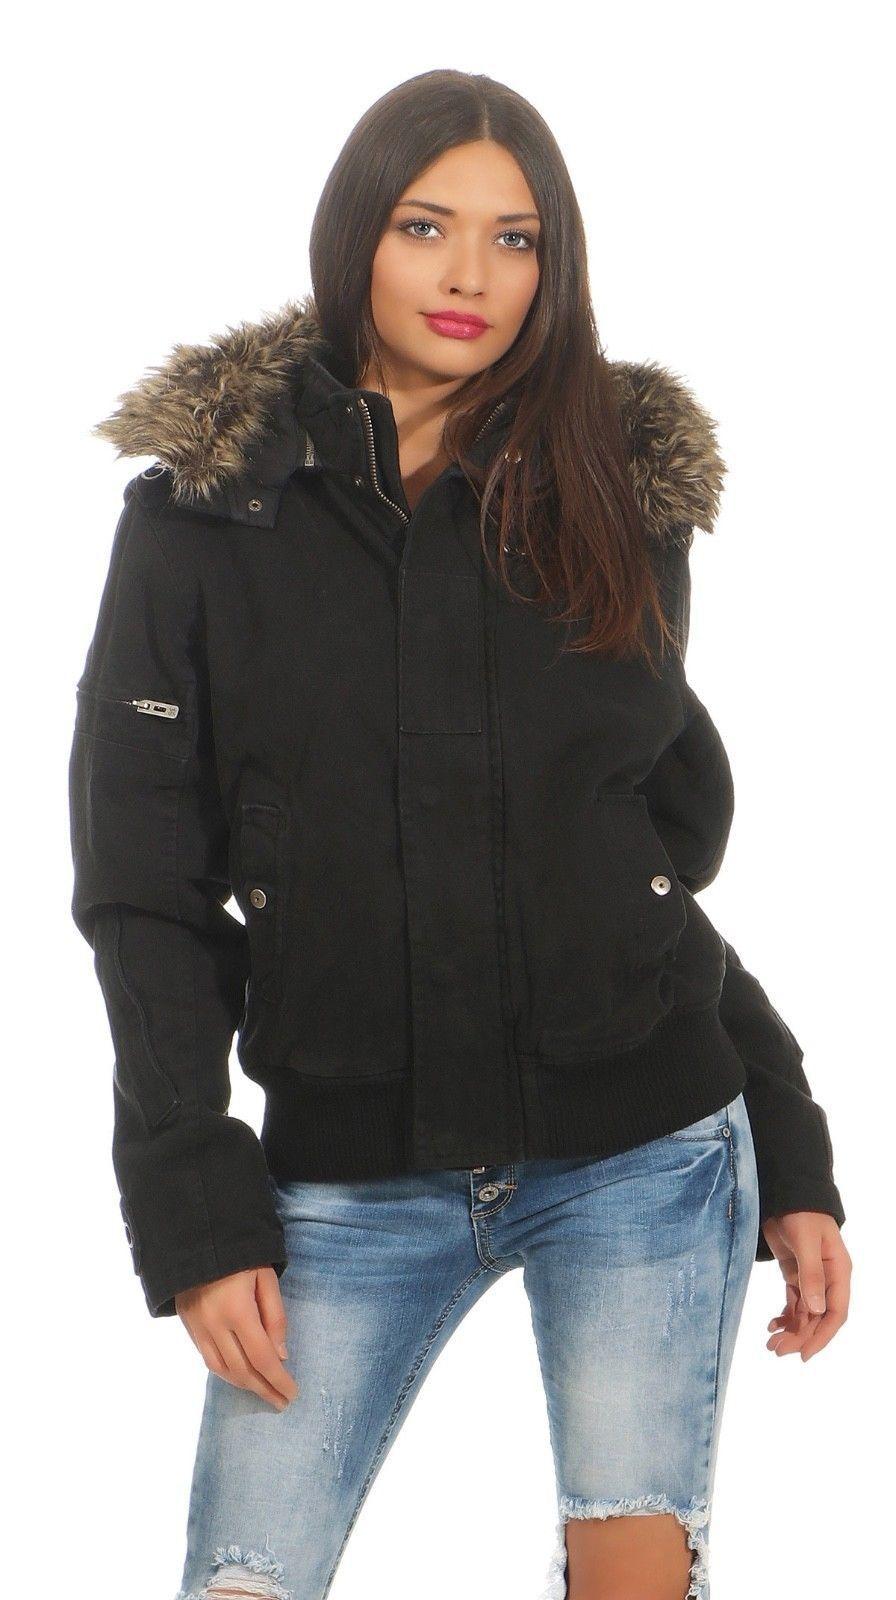 Perso Scott Fox  Damen Jacke Farbe schwarz black Winterjacke Damenjacke Winter